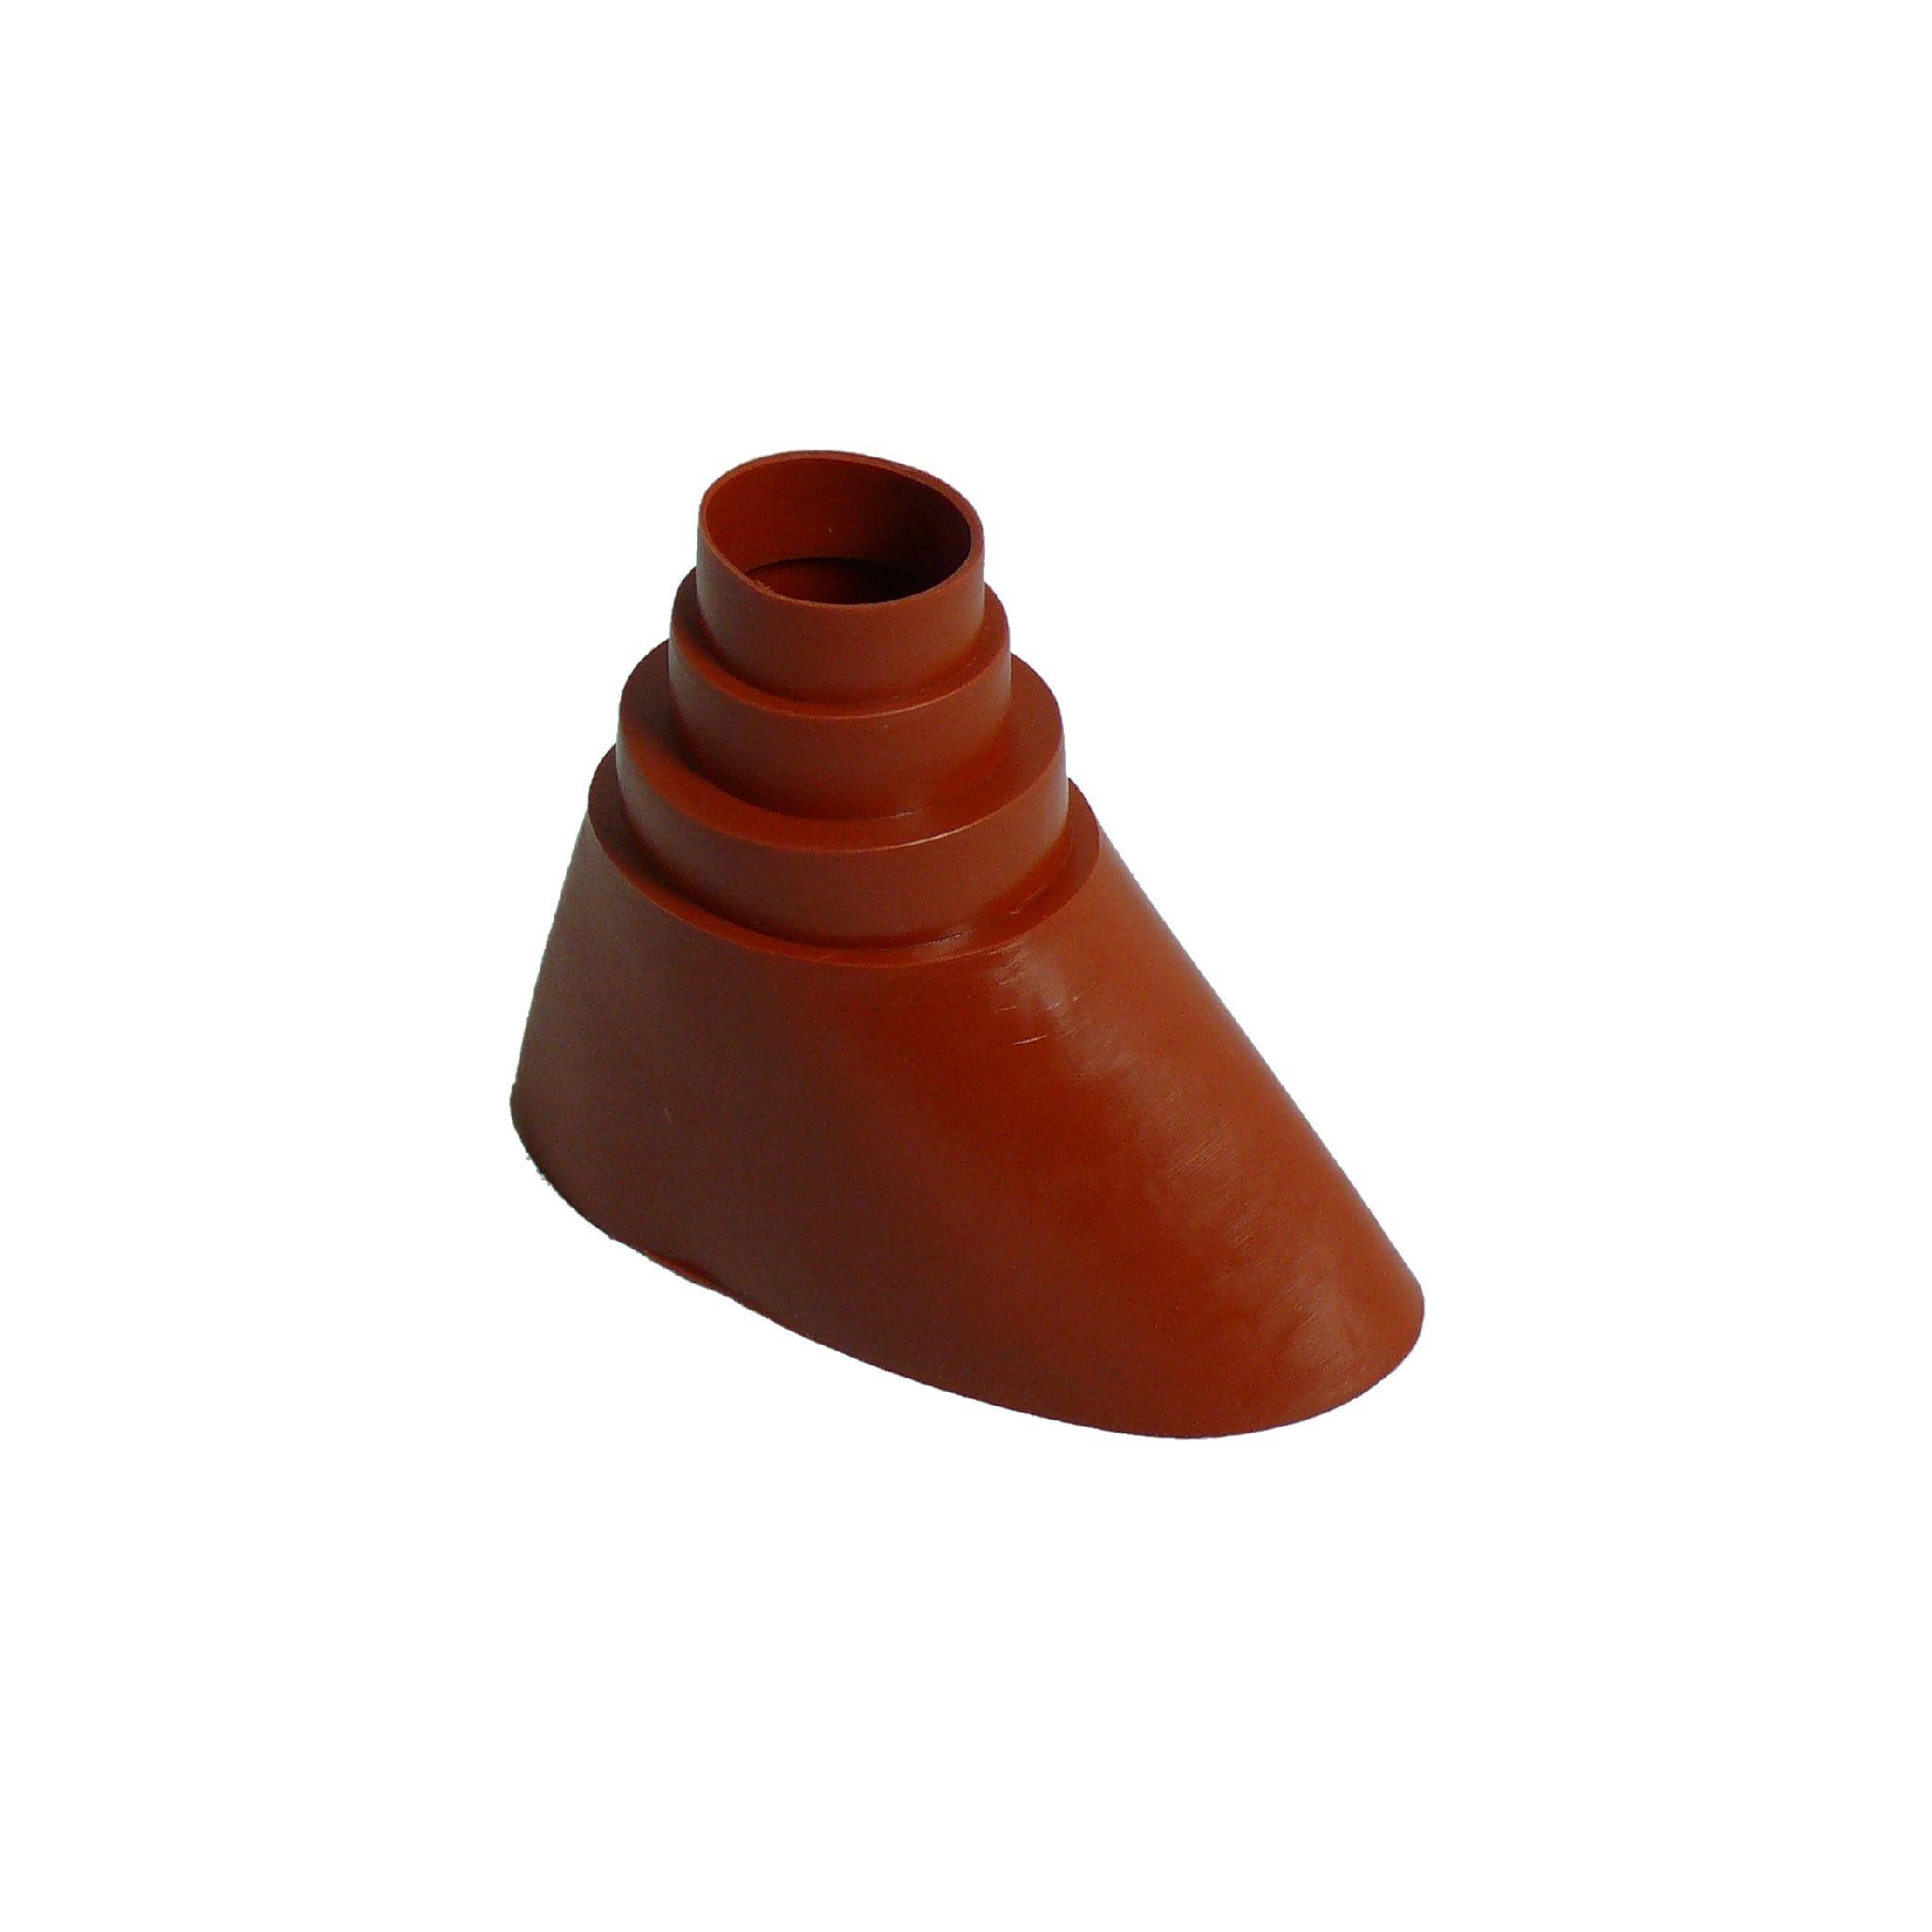 1 Stk SAT Gummitülle Universal Mast/Ziegel, Mast: 38-60mm, rot HSATMZZ02R